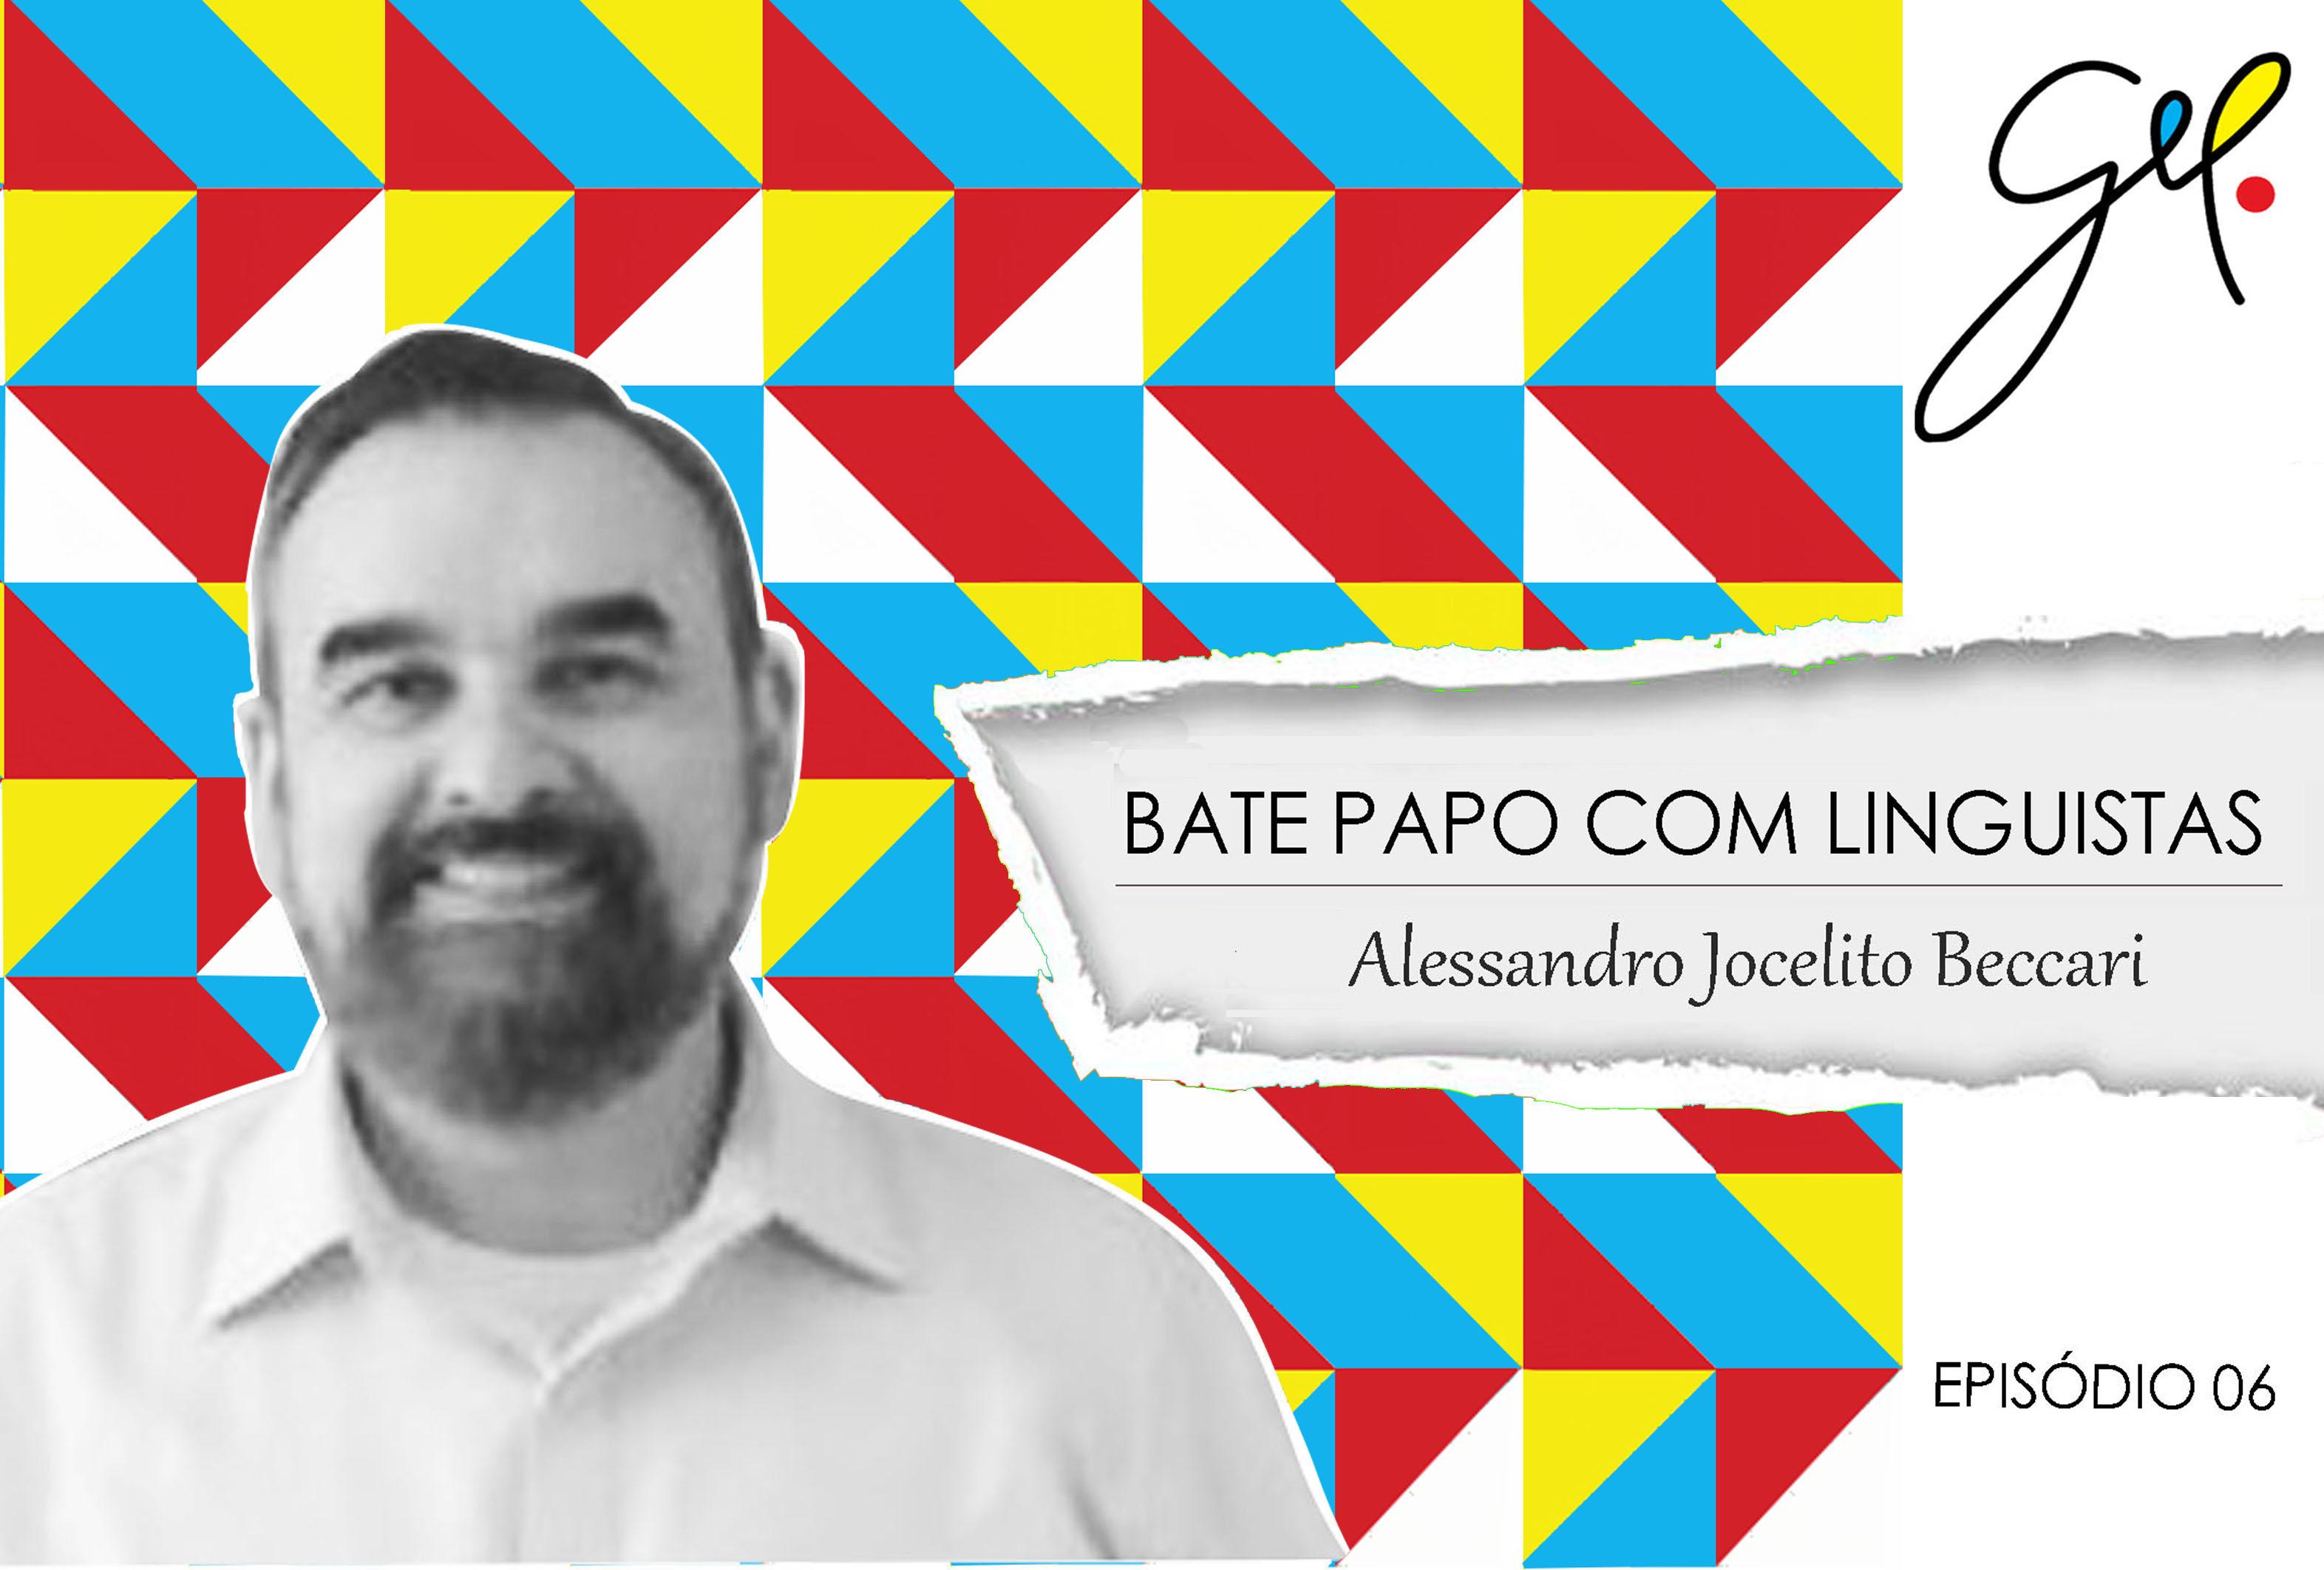 EP06 | Conversa com Alessandro Jocelito Beccari